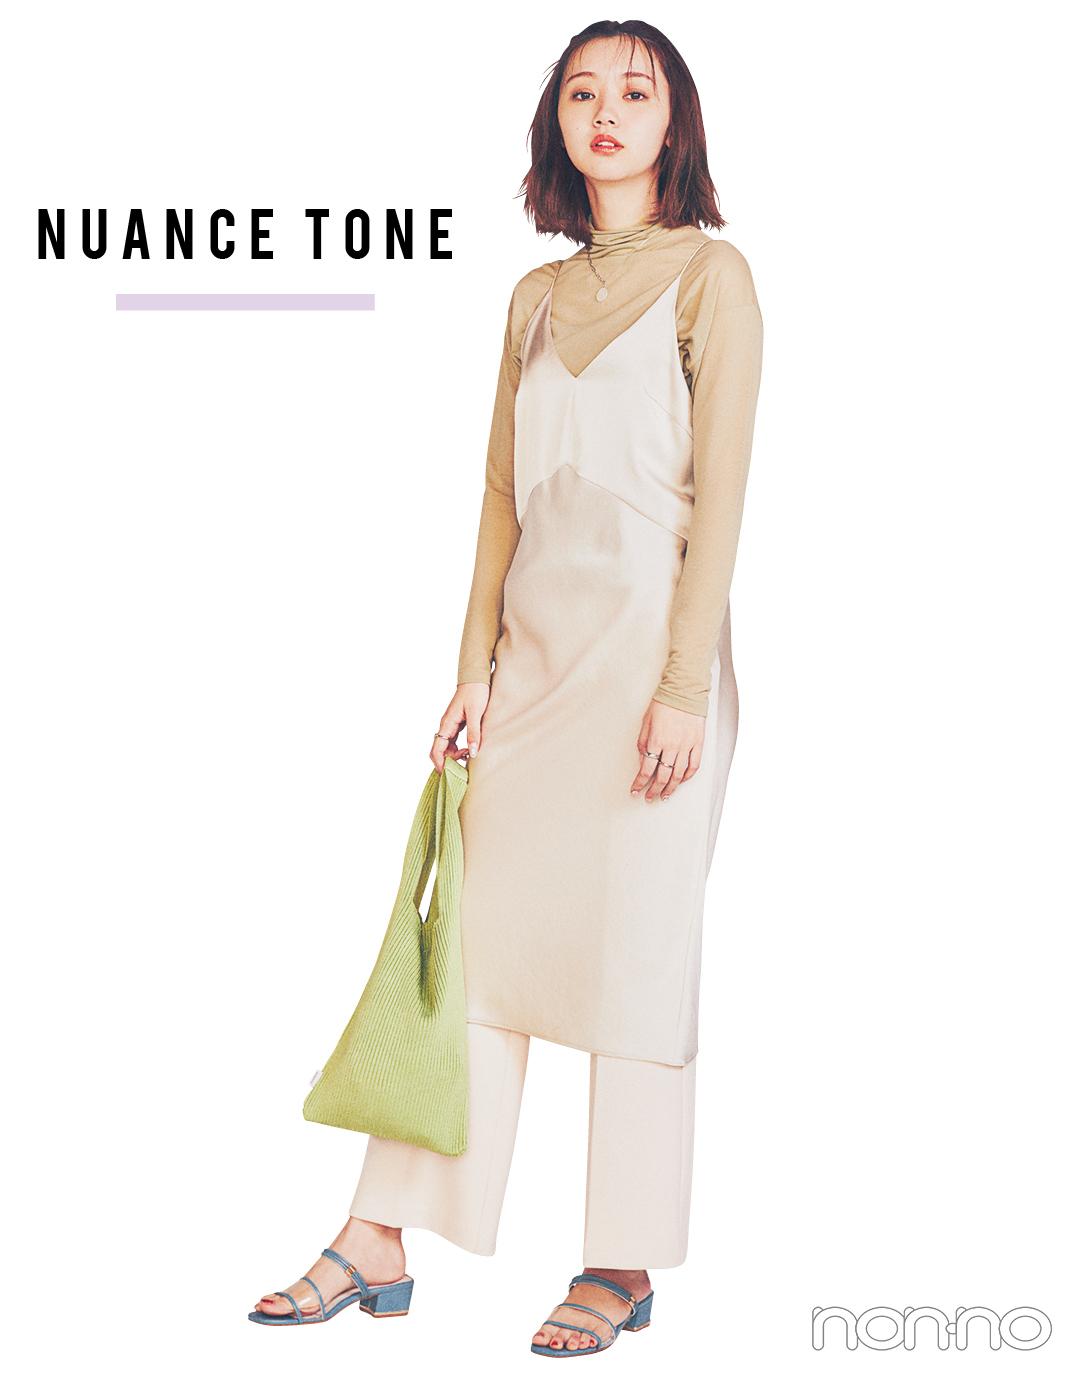 nuance tone